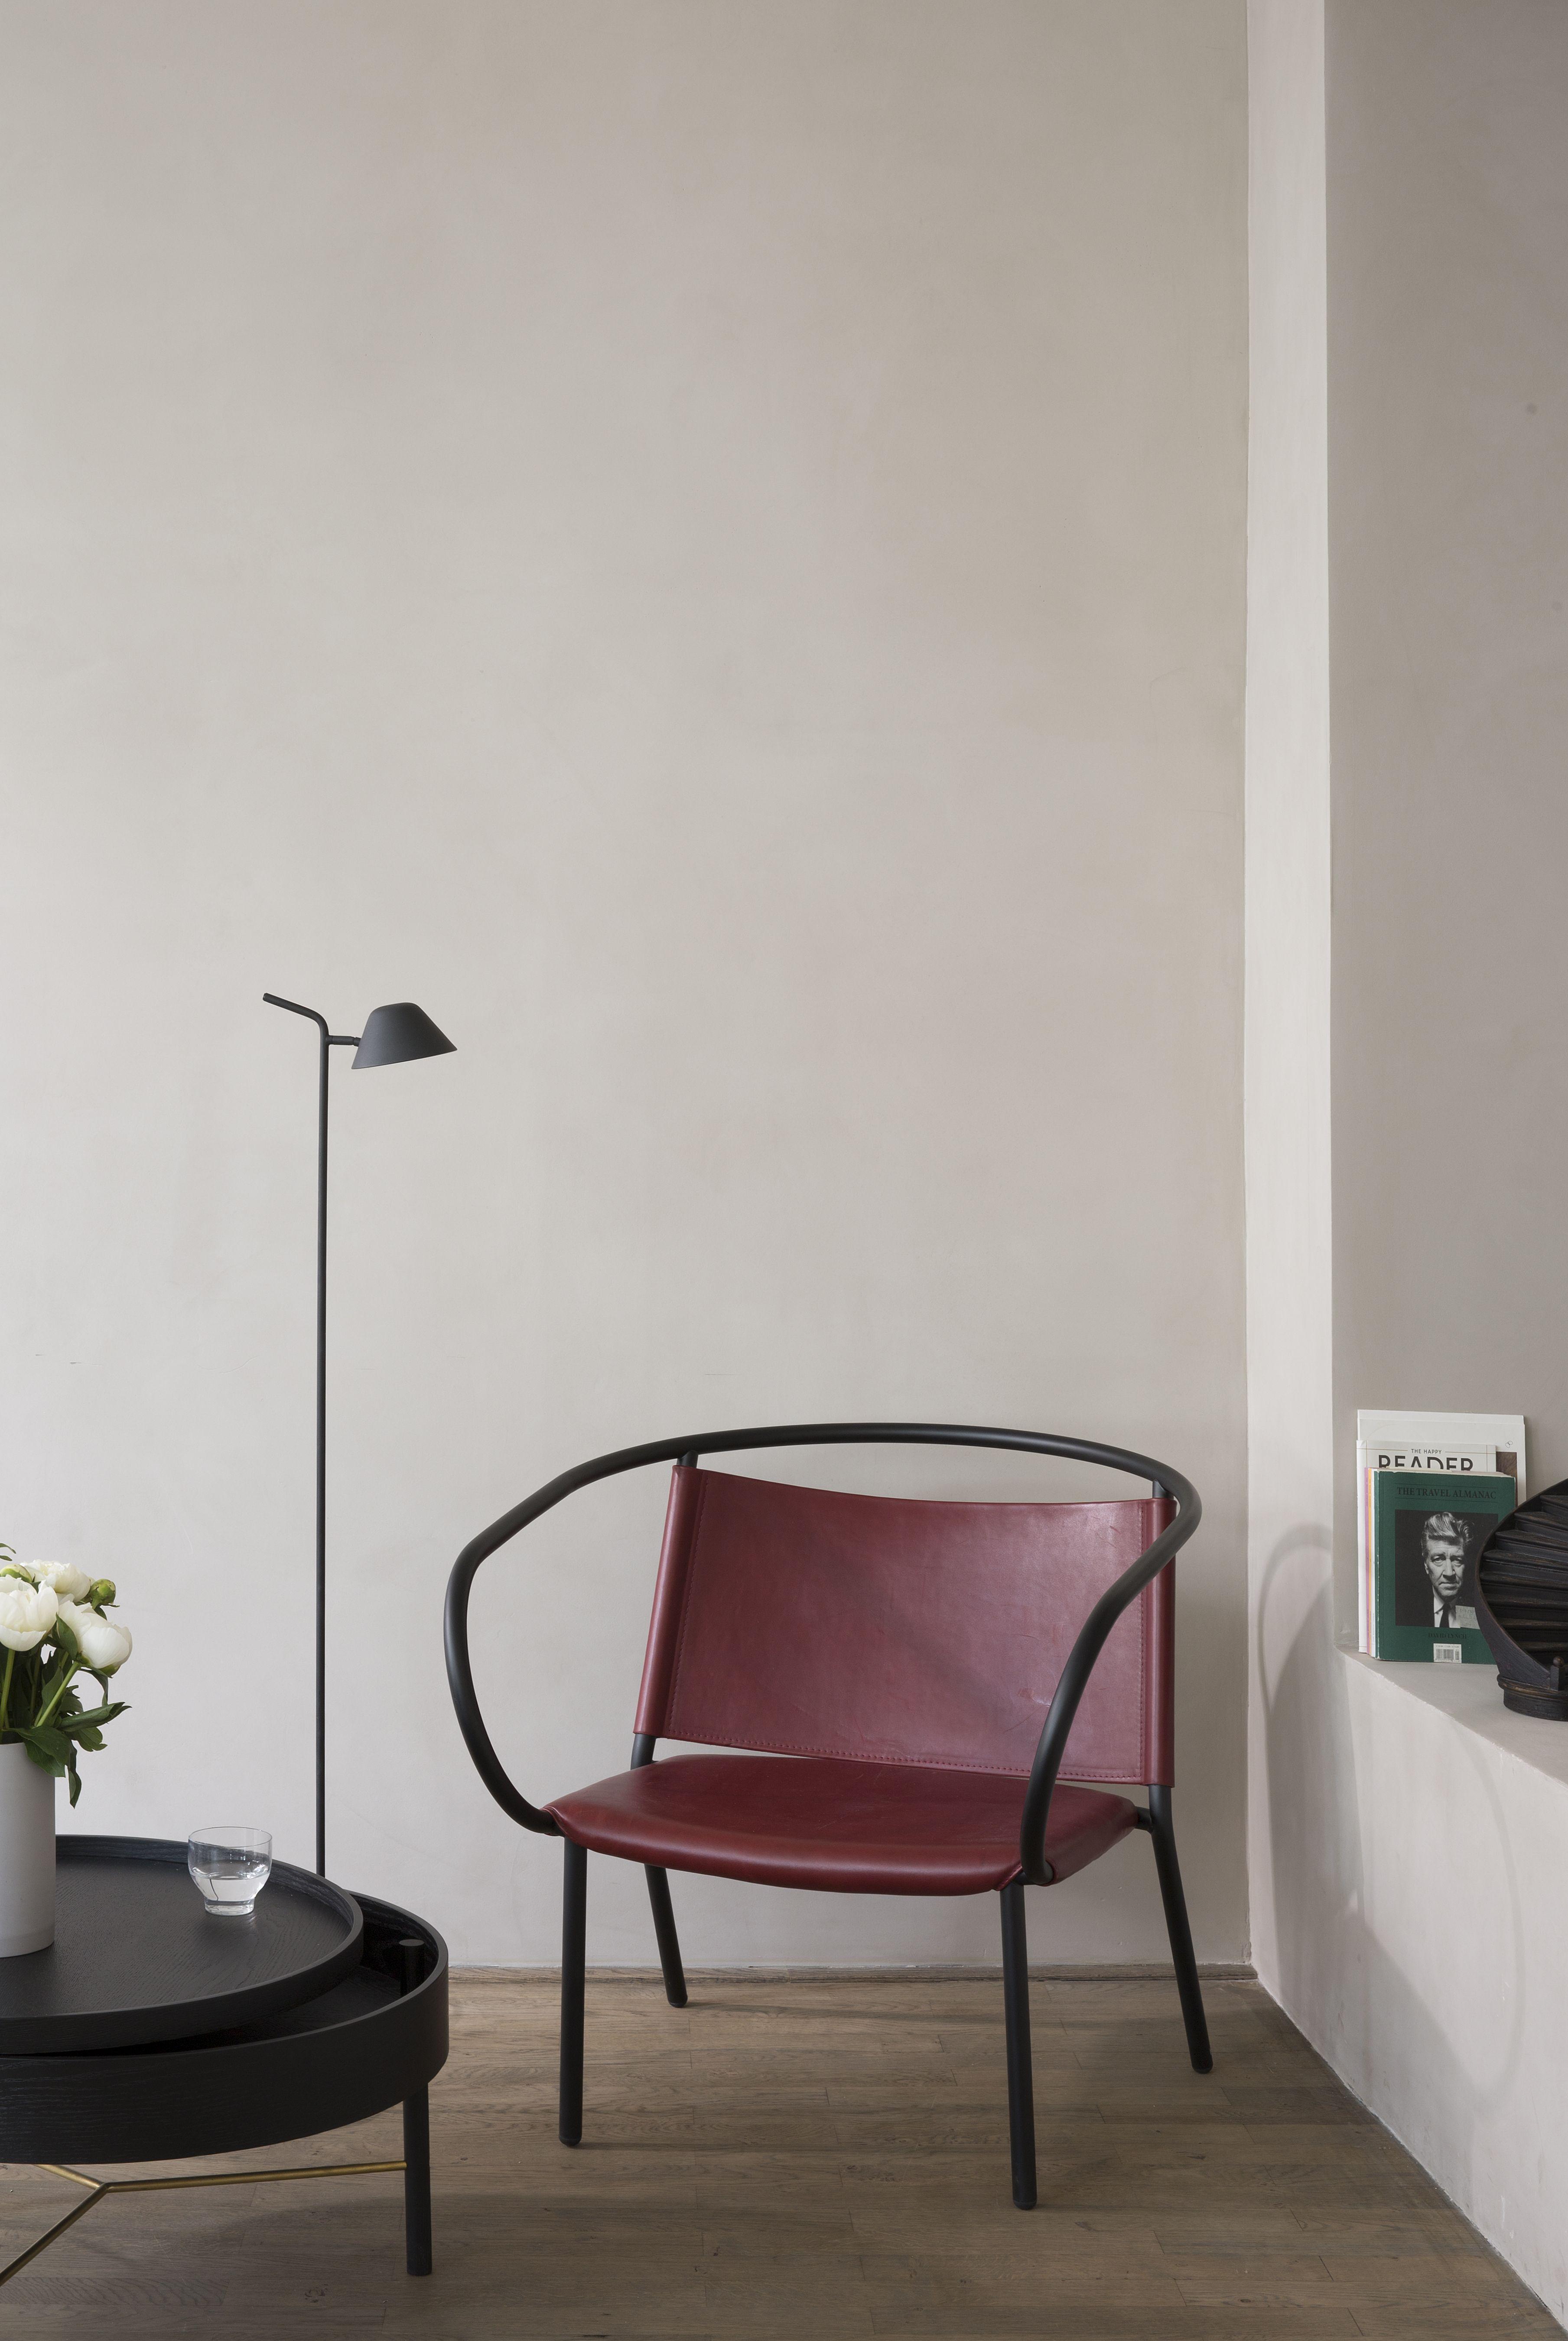 MENU Afteroom Lounge Chair, Turning Table, Peek Floor Lamp | MENU ...